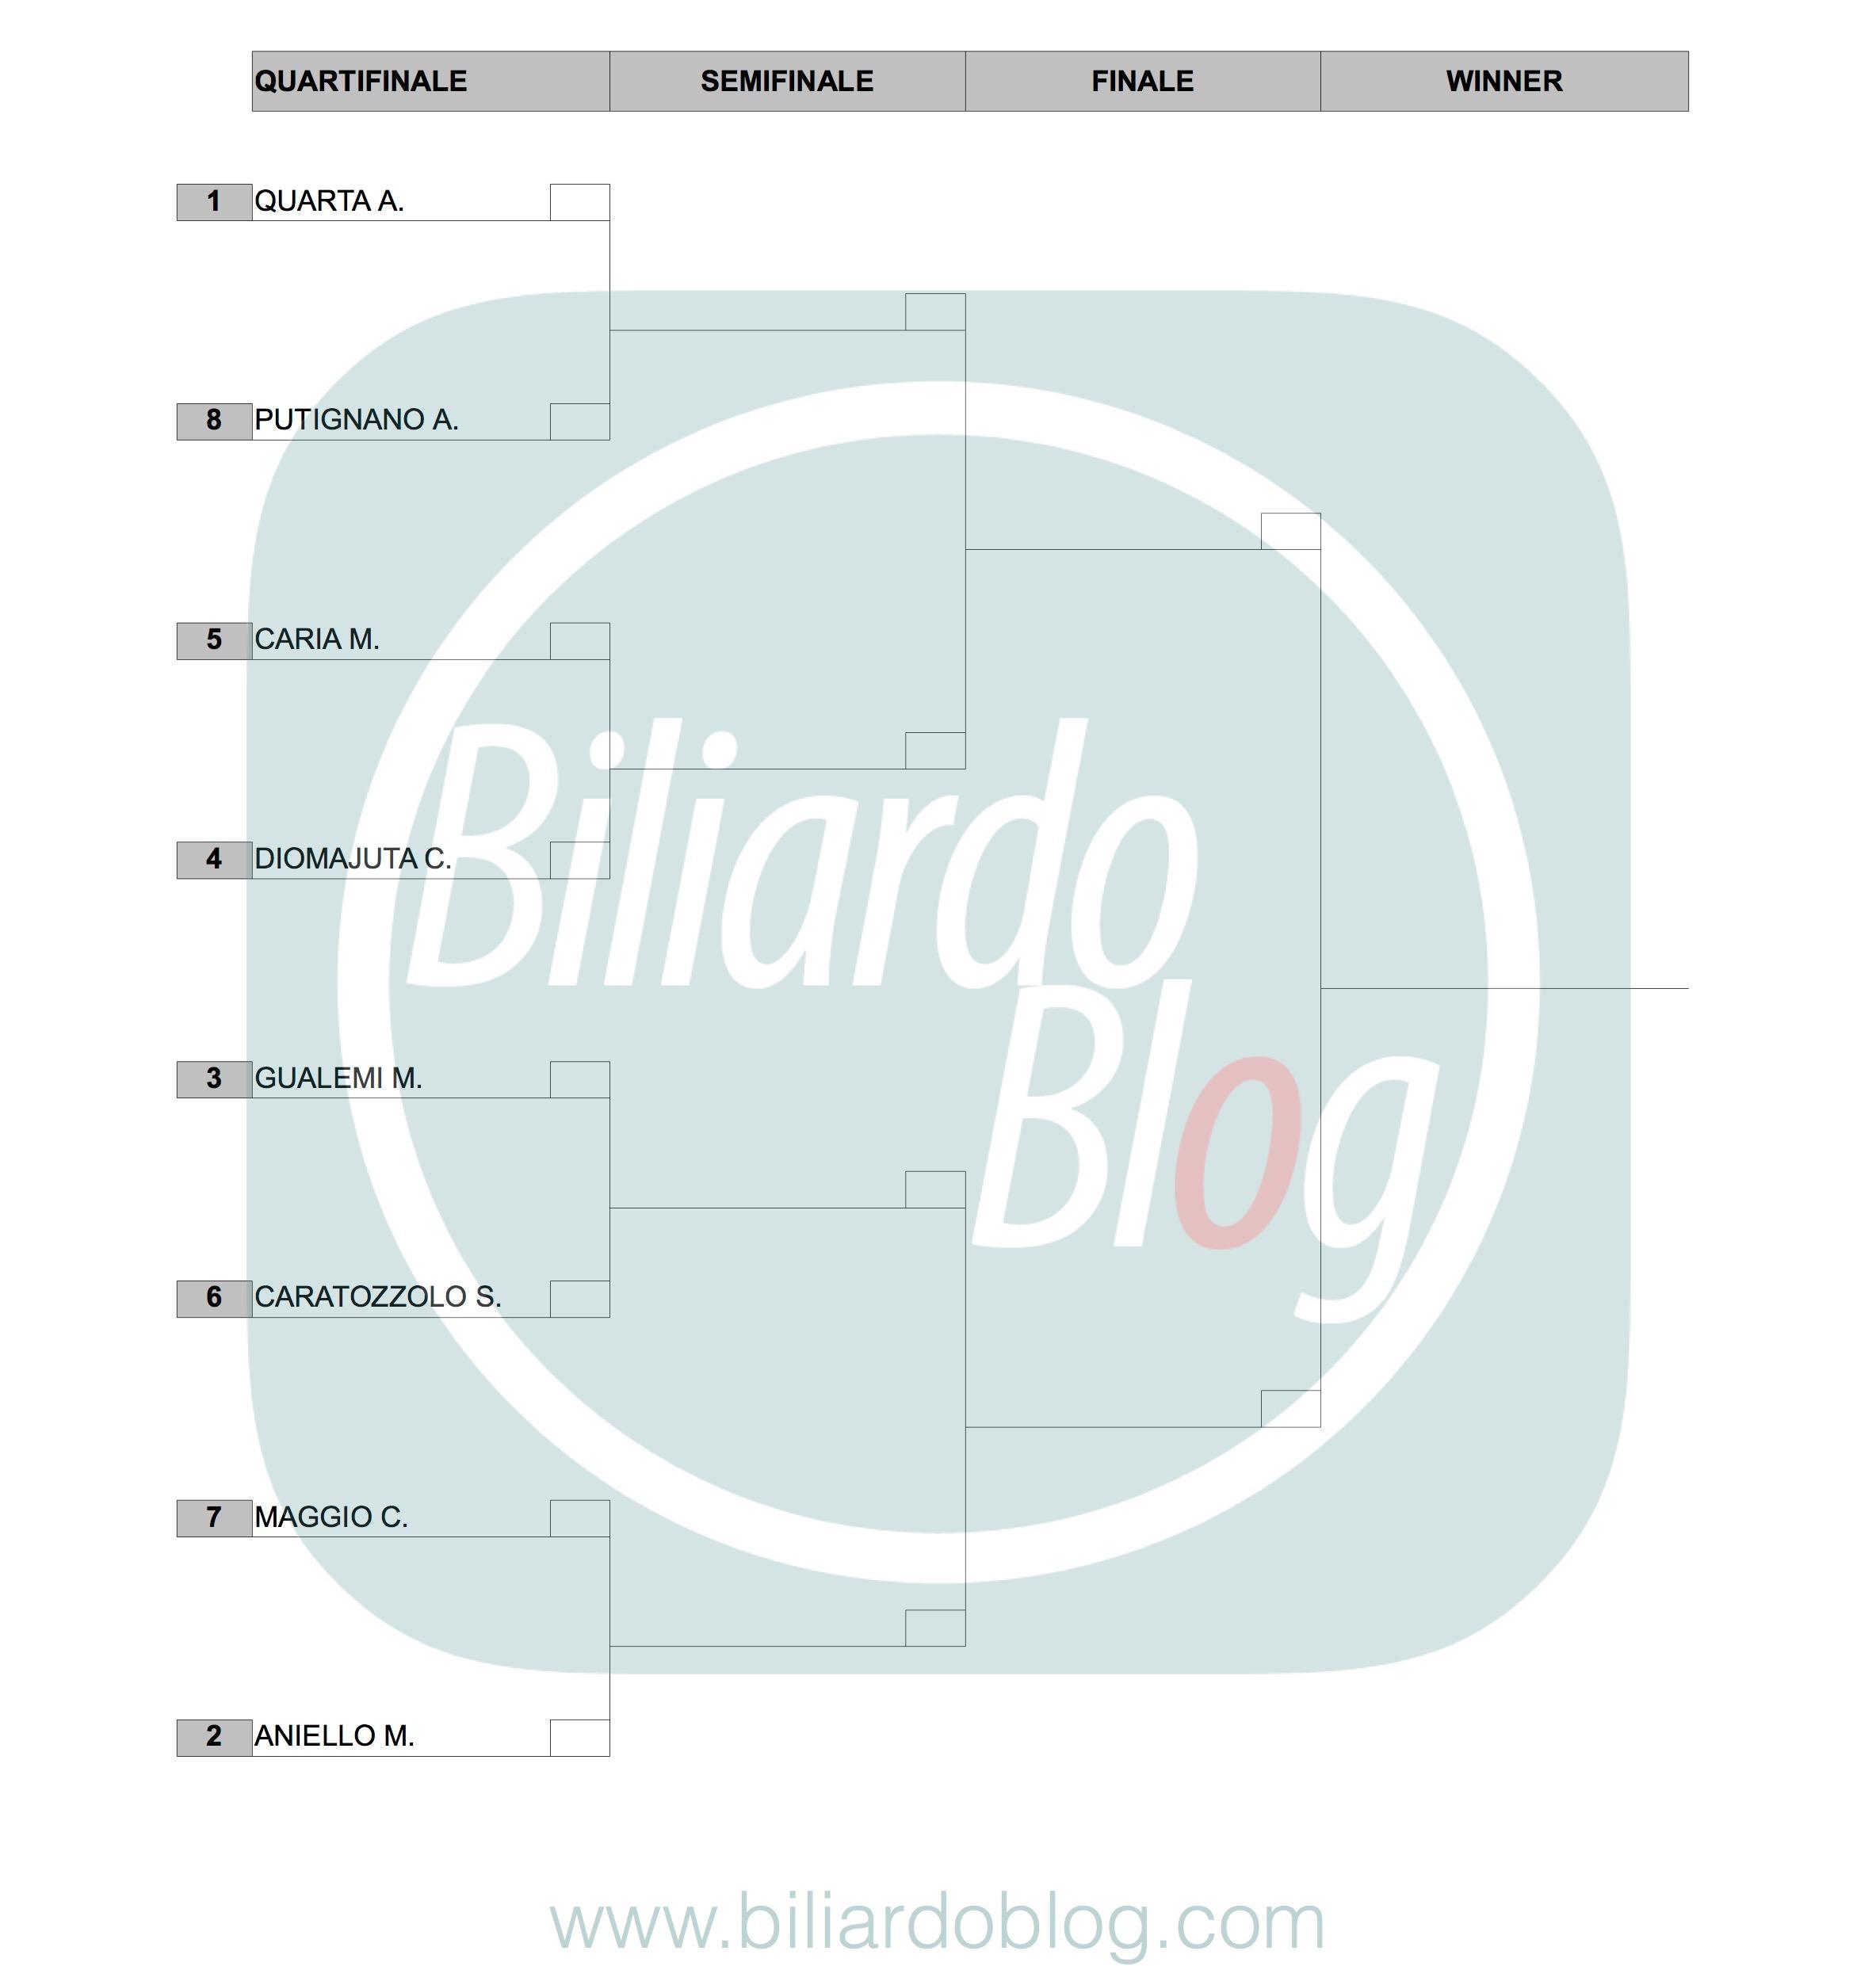 Finalissime Campionato Italiano di Biliardo 2016-2017: Griglia Pro